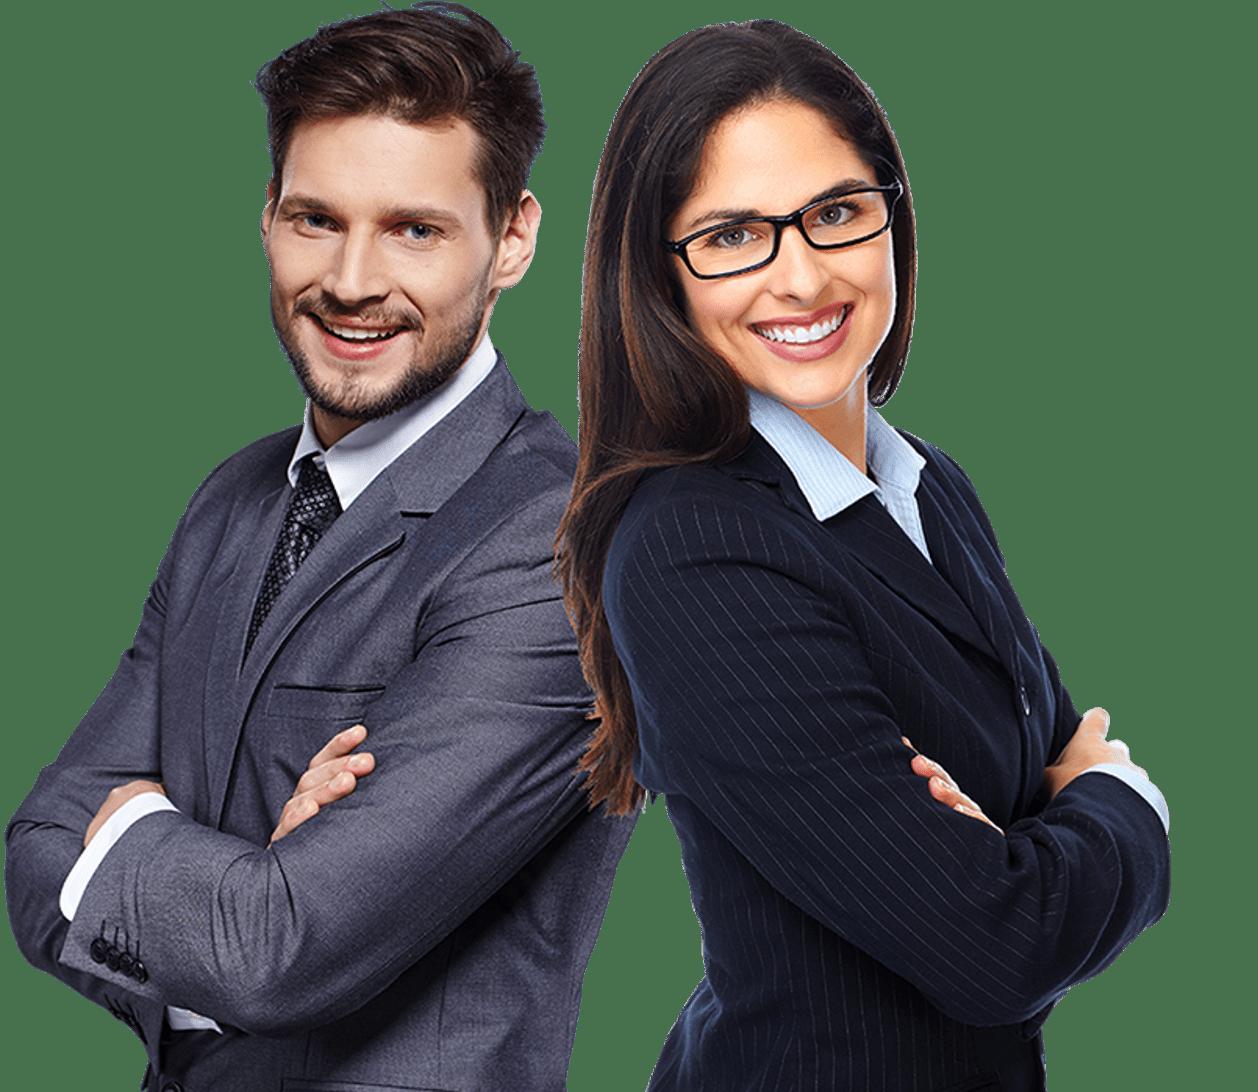 contact-us-business-com-1